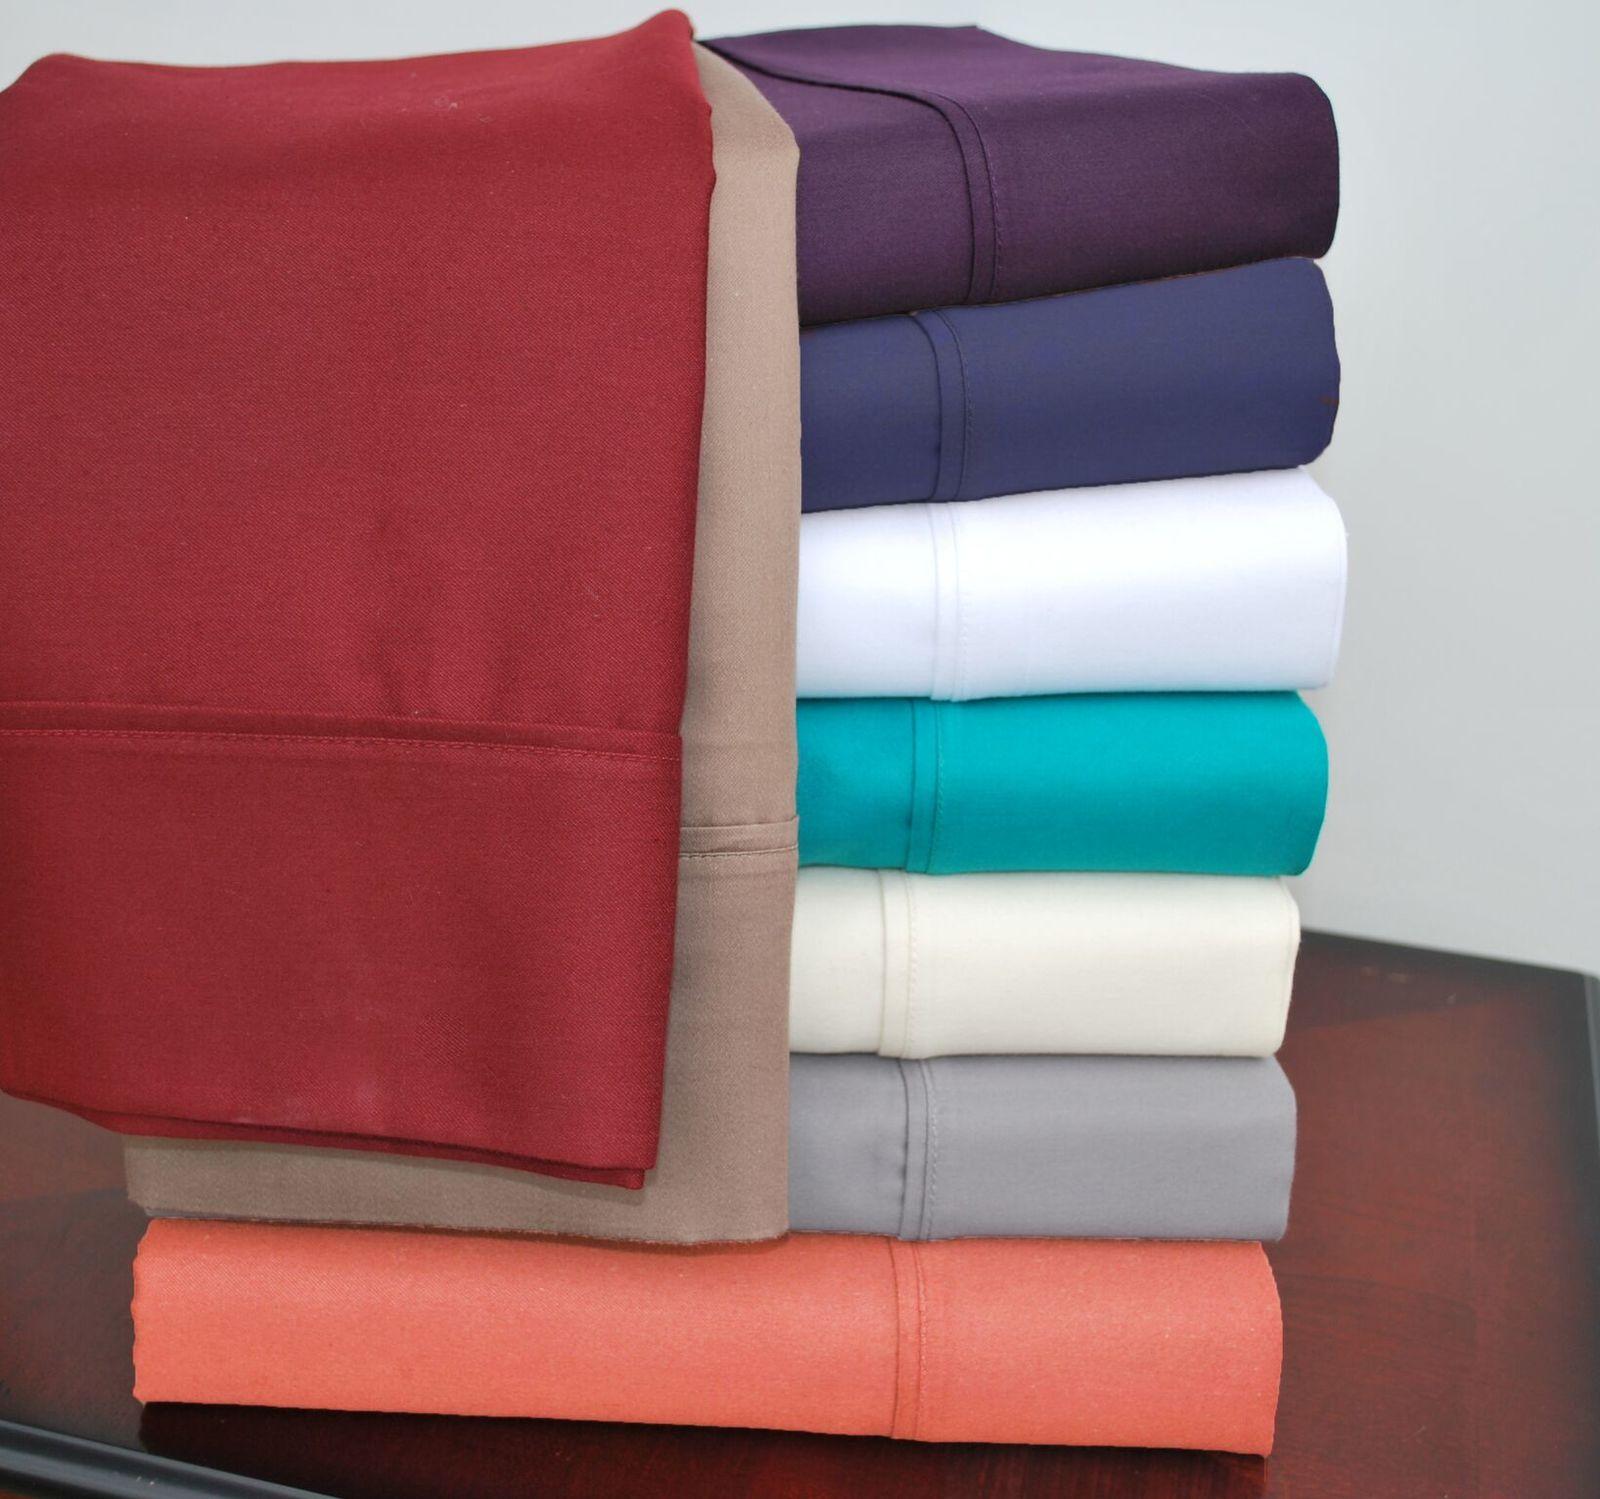 5-pc Split King Size Plum Impressions Cotton Rich 800 Thread Count Sheet Set